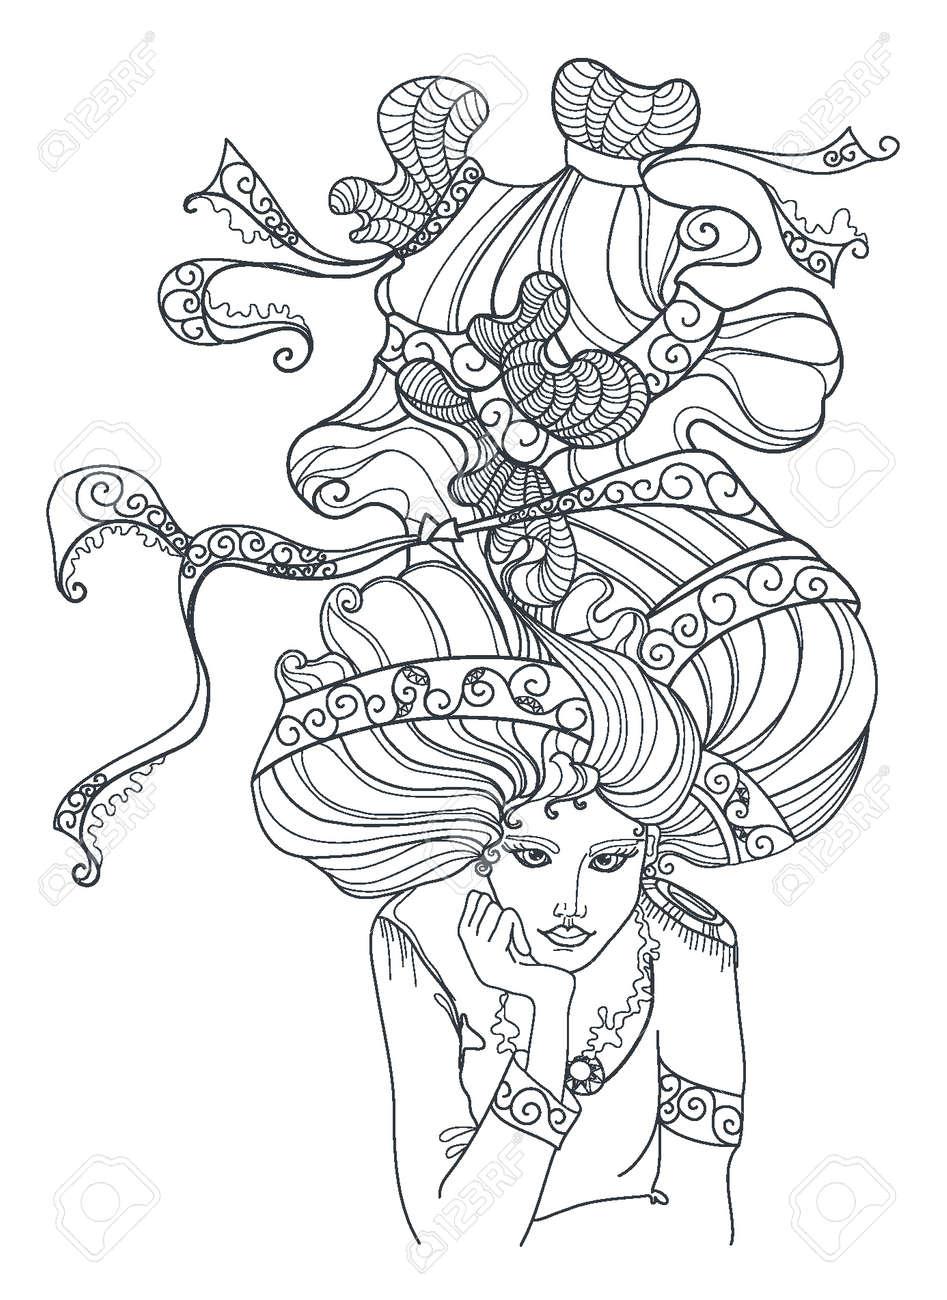 花輪とかなりエレガントな女の子は大人のぬりえ本アートワーク